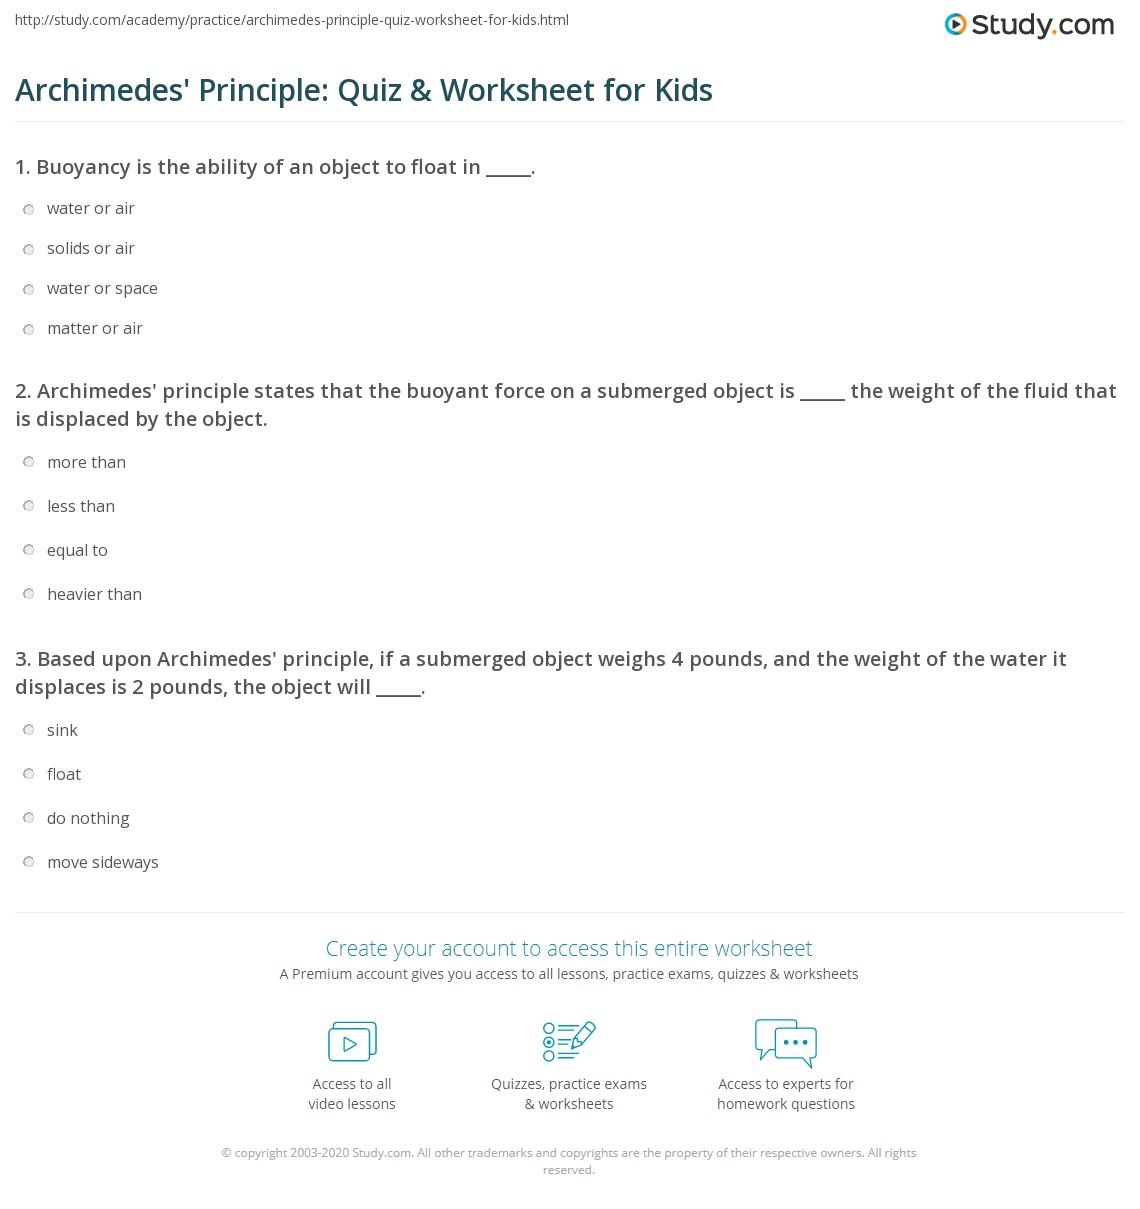 Archimedes Principle Quiz & Worksheet for Kids